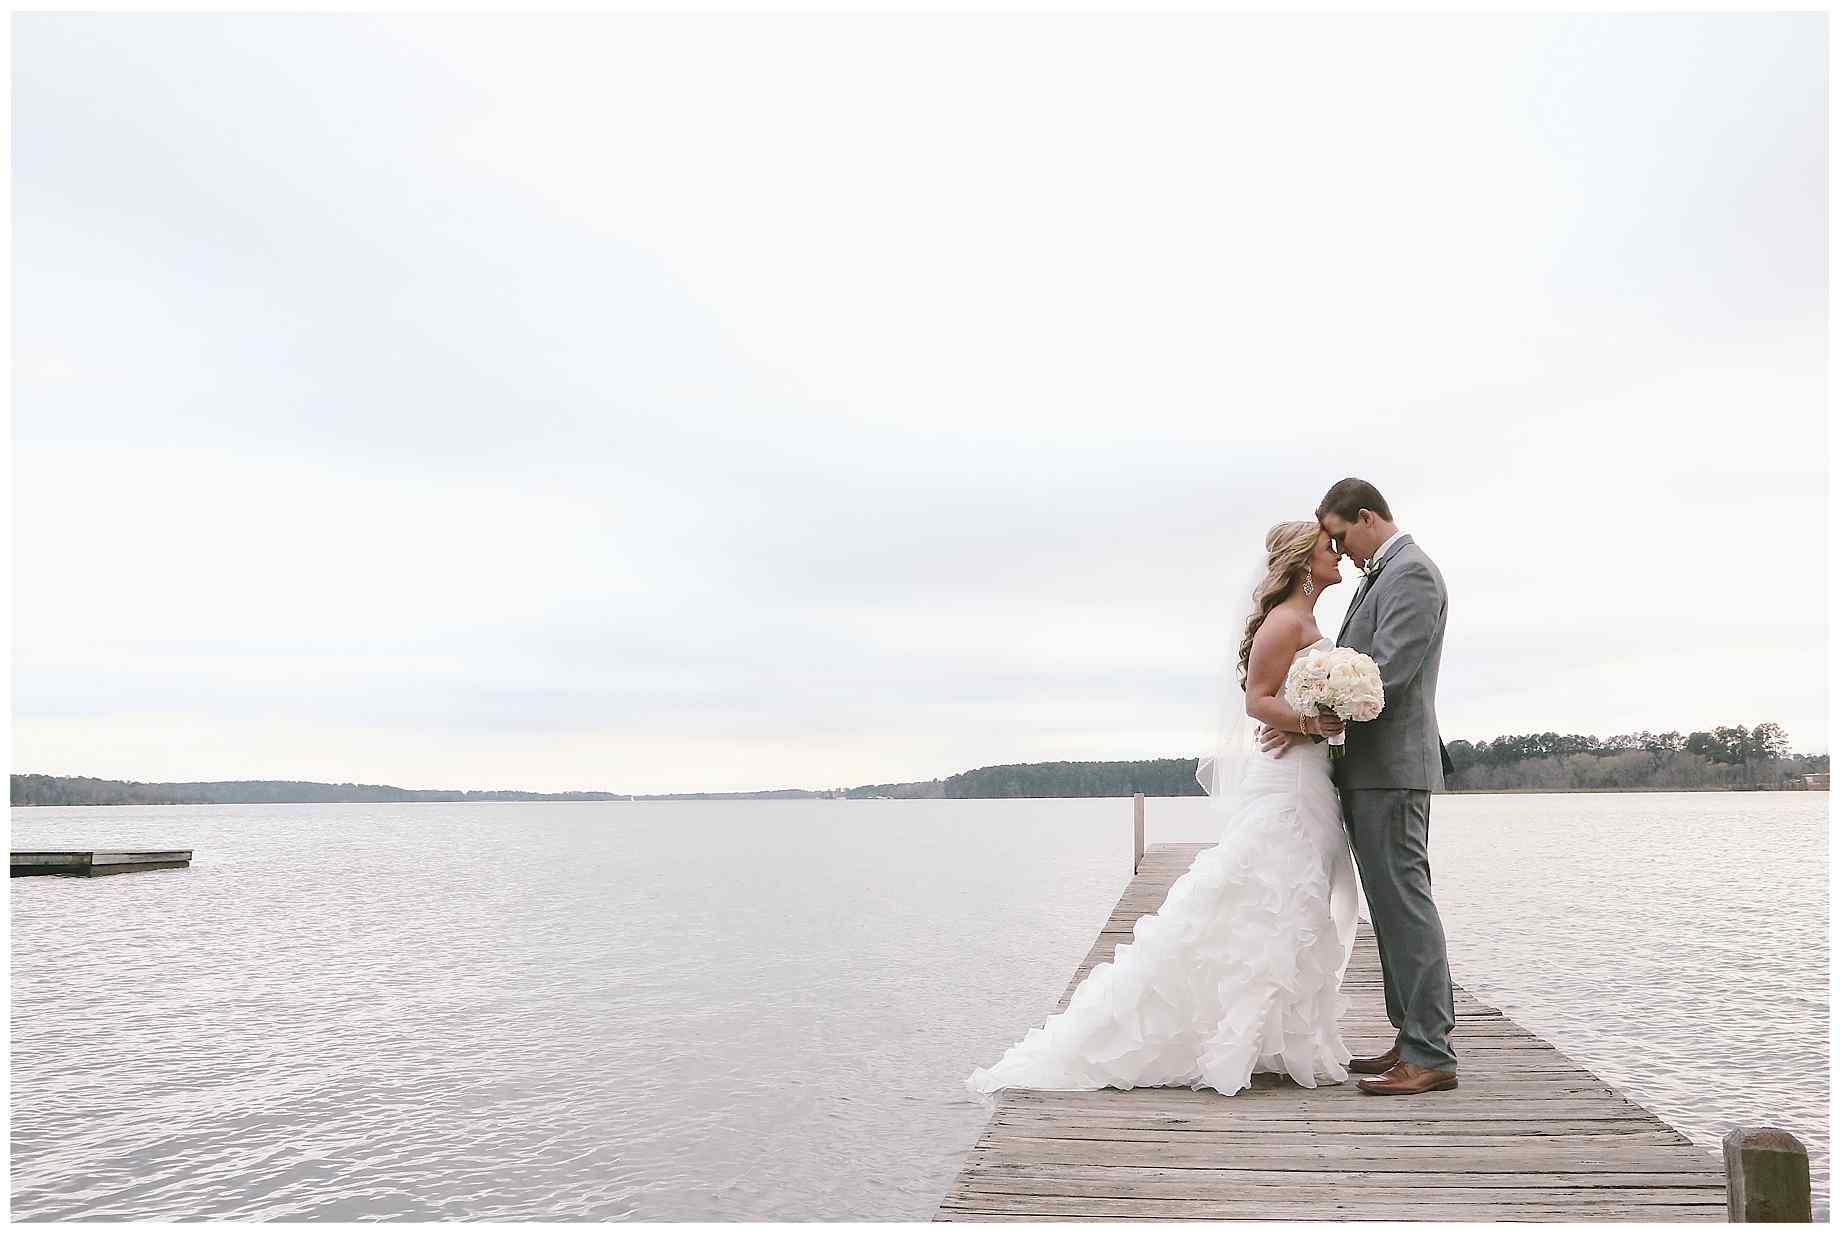 top-10-wedding-photos-of-2015-002